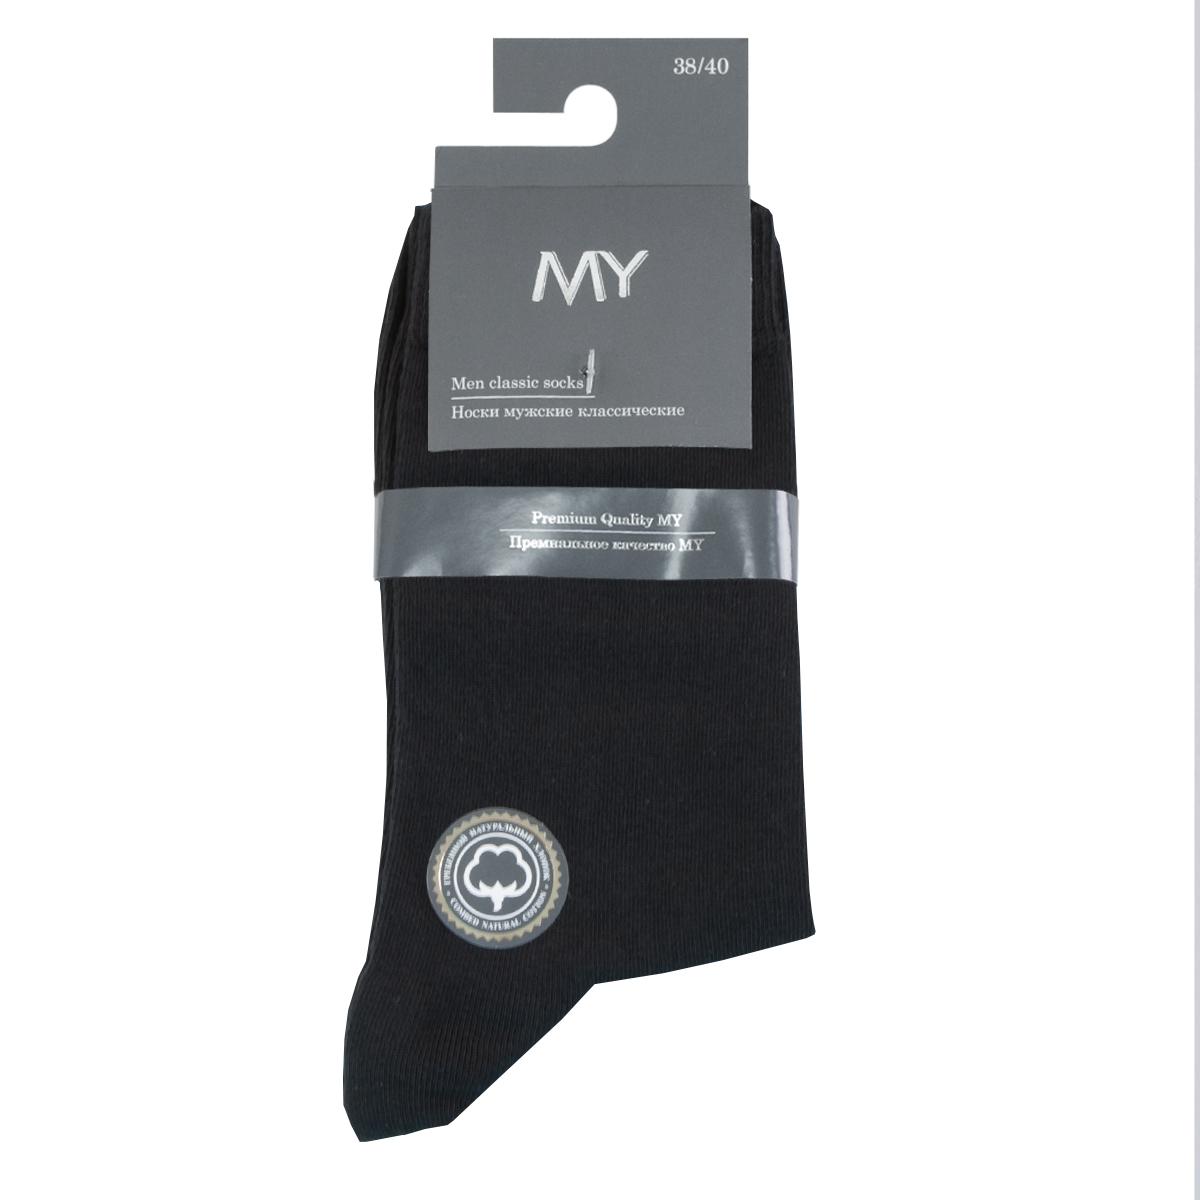 Носки мужские Mirey, цвет: черный. MSC 002. Размер (41/43)MSC 002Классические тонкие мужские носки от Mirey выполнены из хлопка с эластаном. Усиленный мысок и пятка, комфортная двойная резинка, круглый шов.